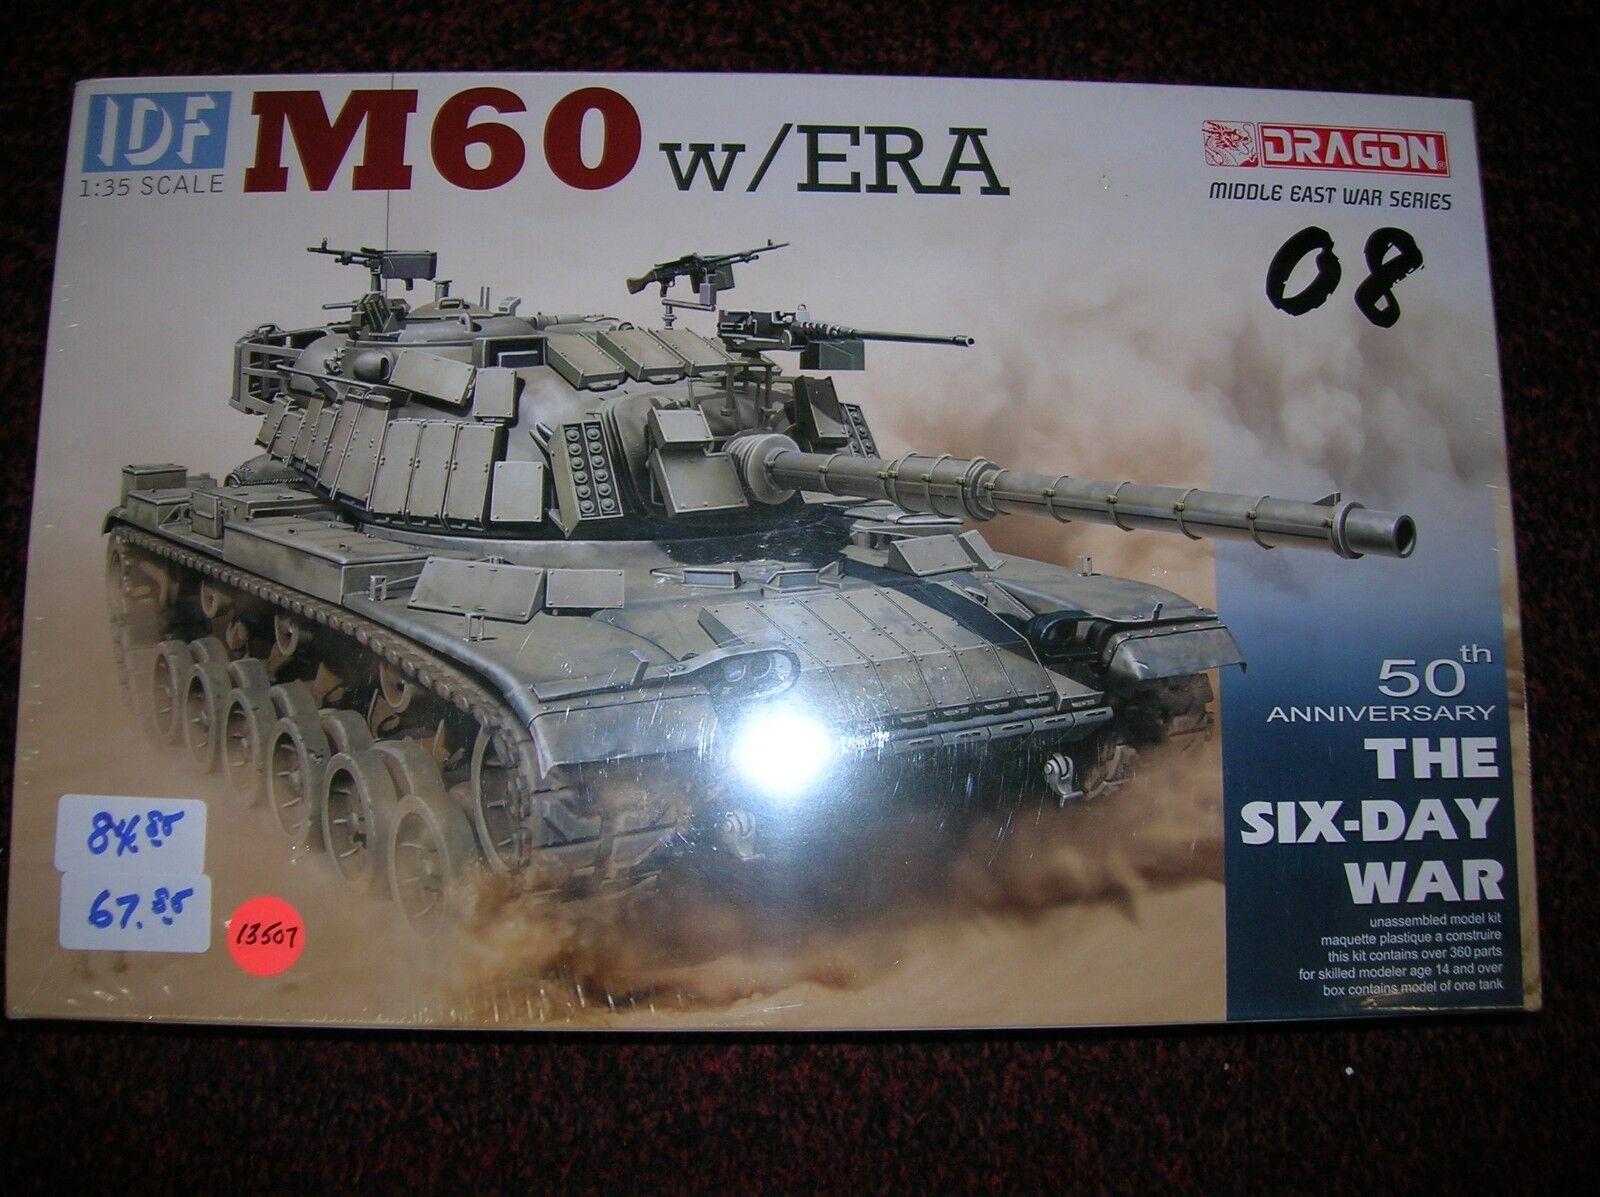 DRAGON   IDF M60 W  ERA   1 35 LIST   84.85 LOT